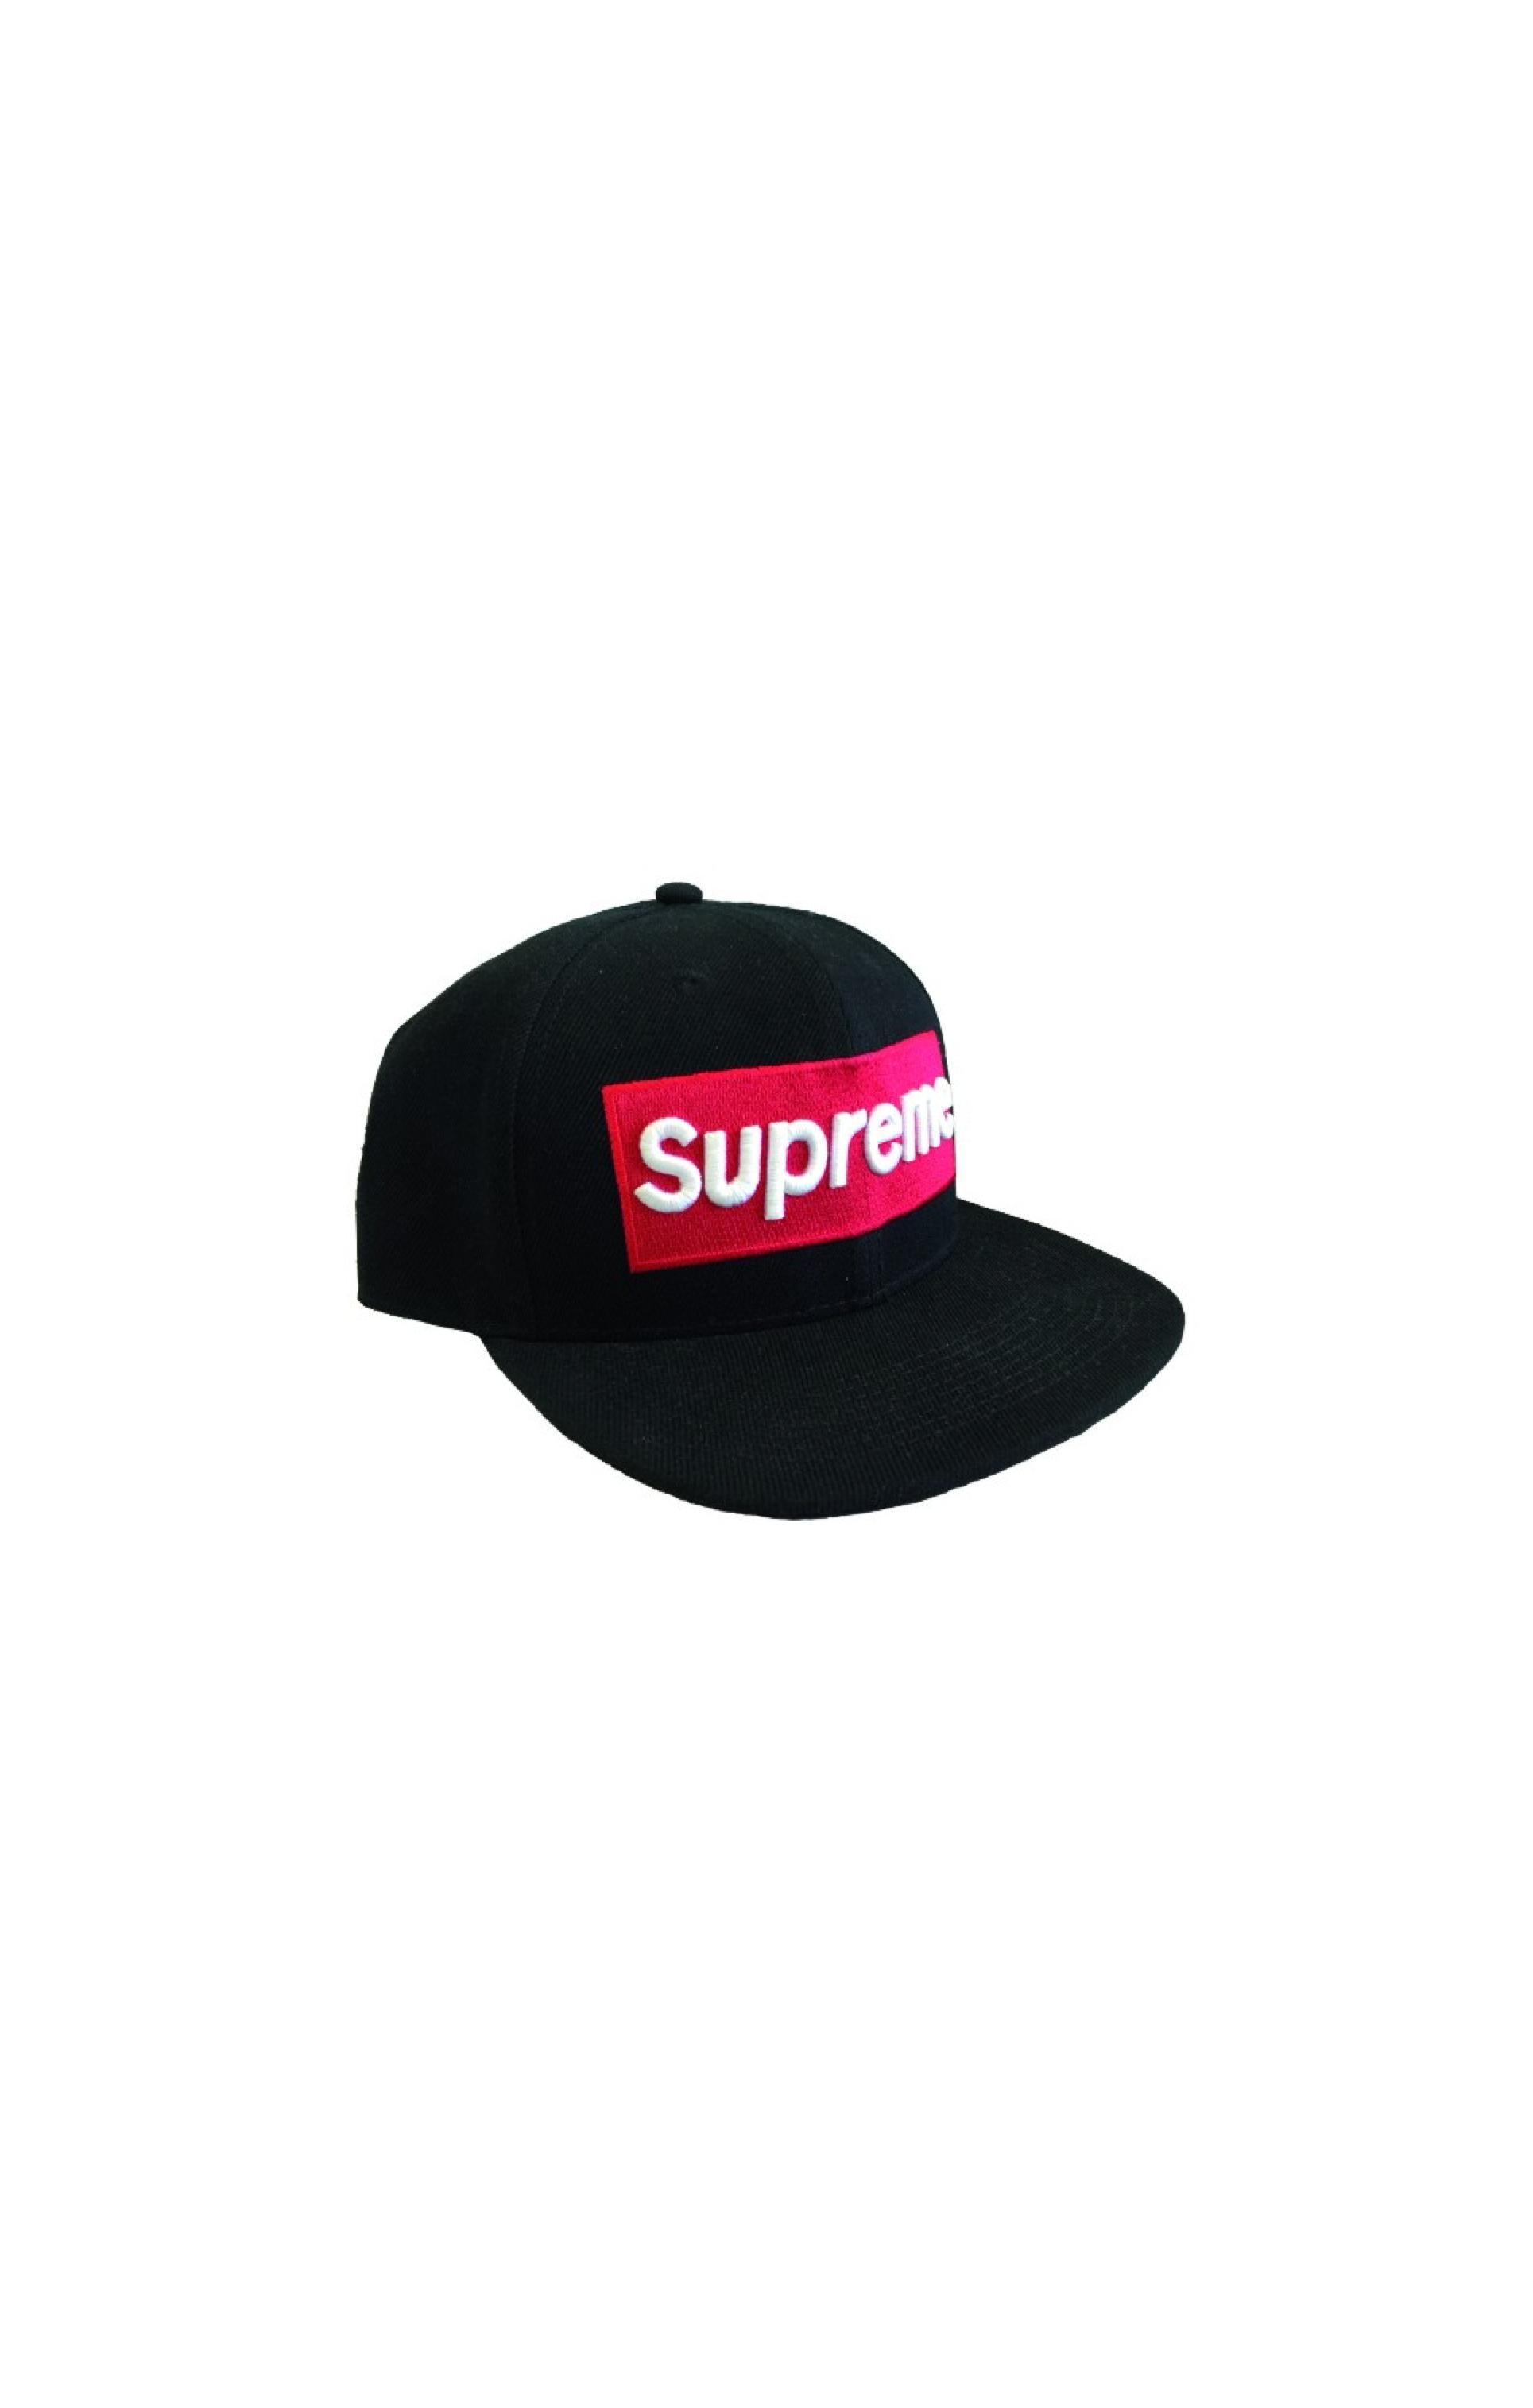 b8b48306dc8 Supreme Cap - Redfox Fashion - Supreme Store